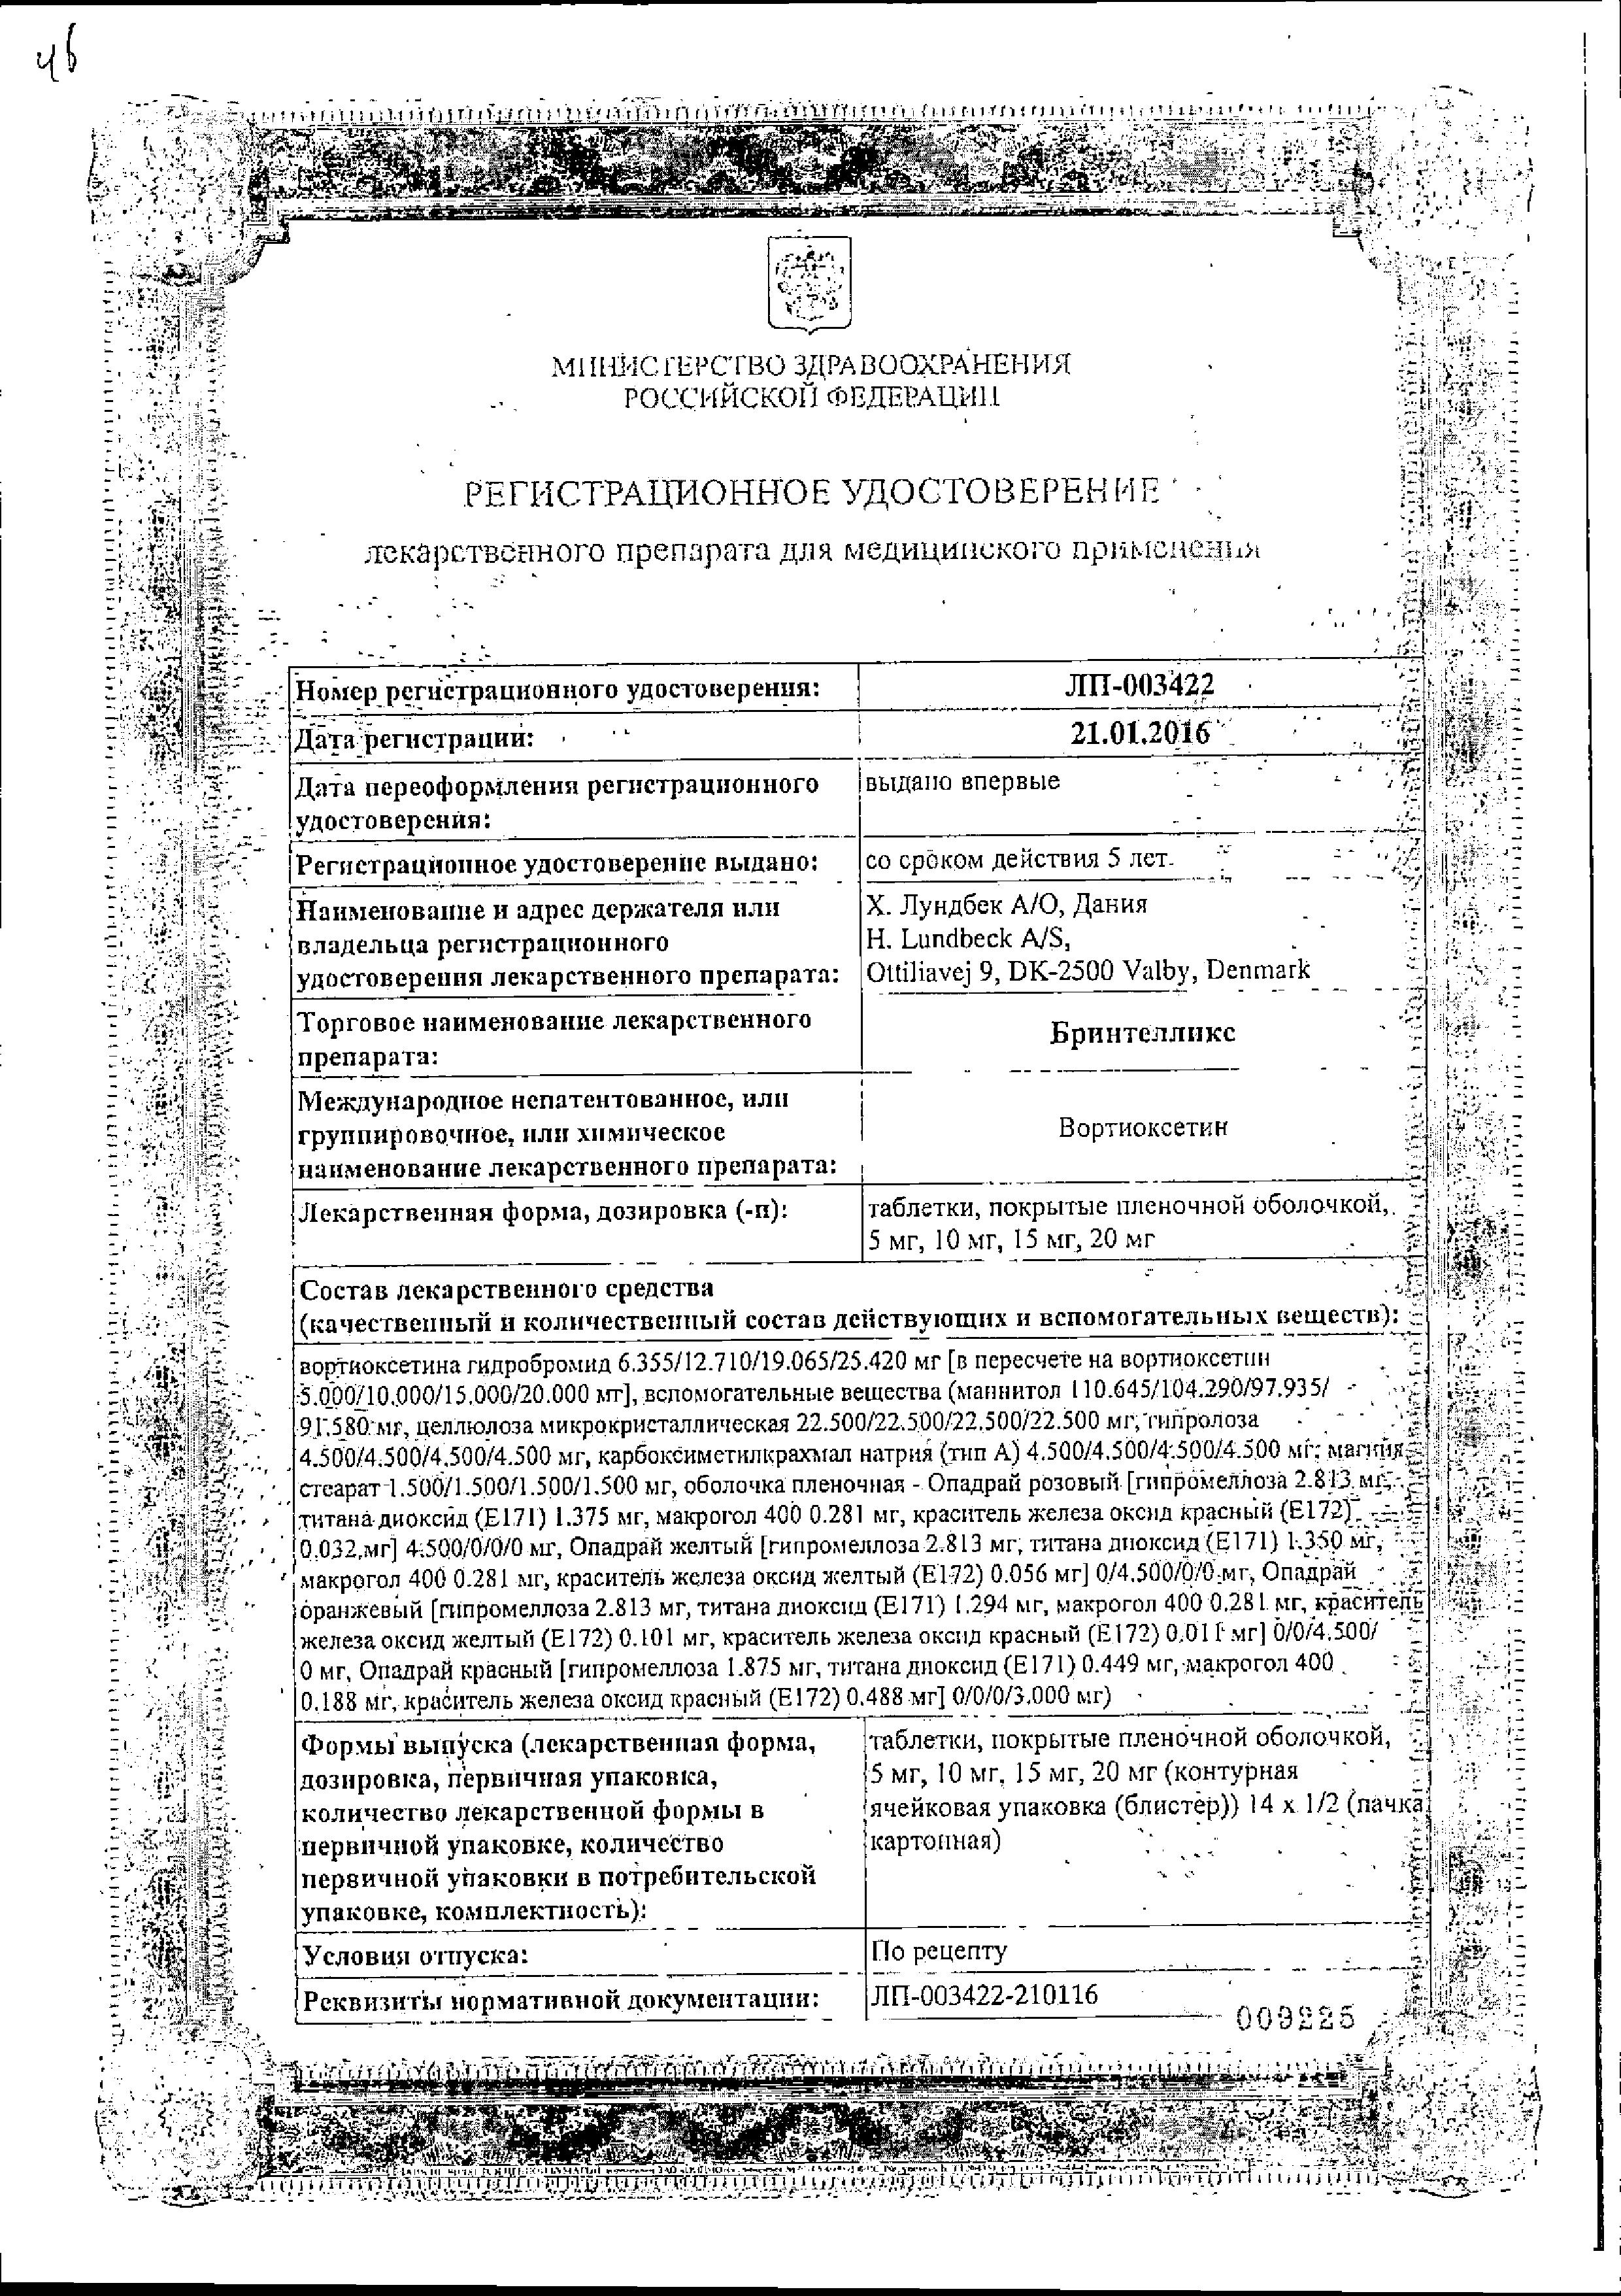 Бринтелликс сертификат